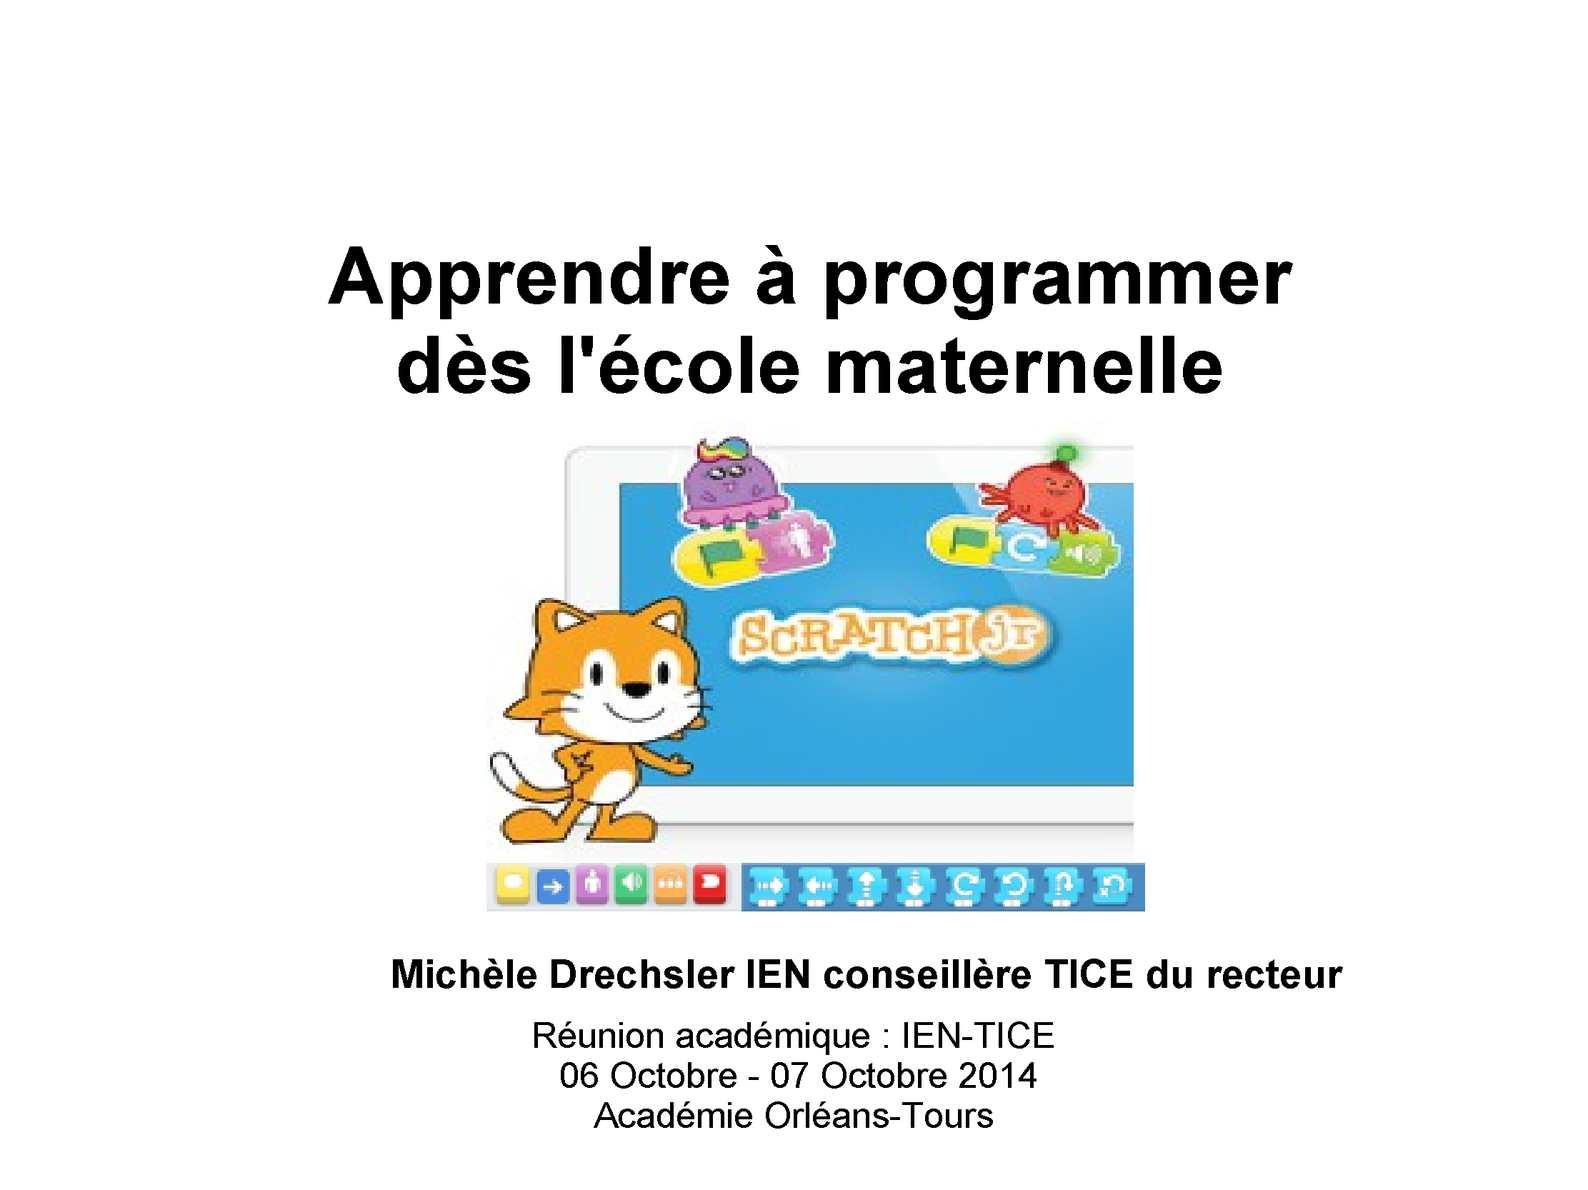 Réunion académique des IEN-TICE - Présentation Scratch.fr et Scratch